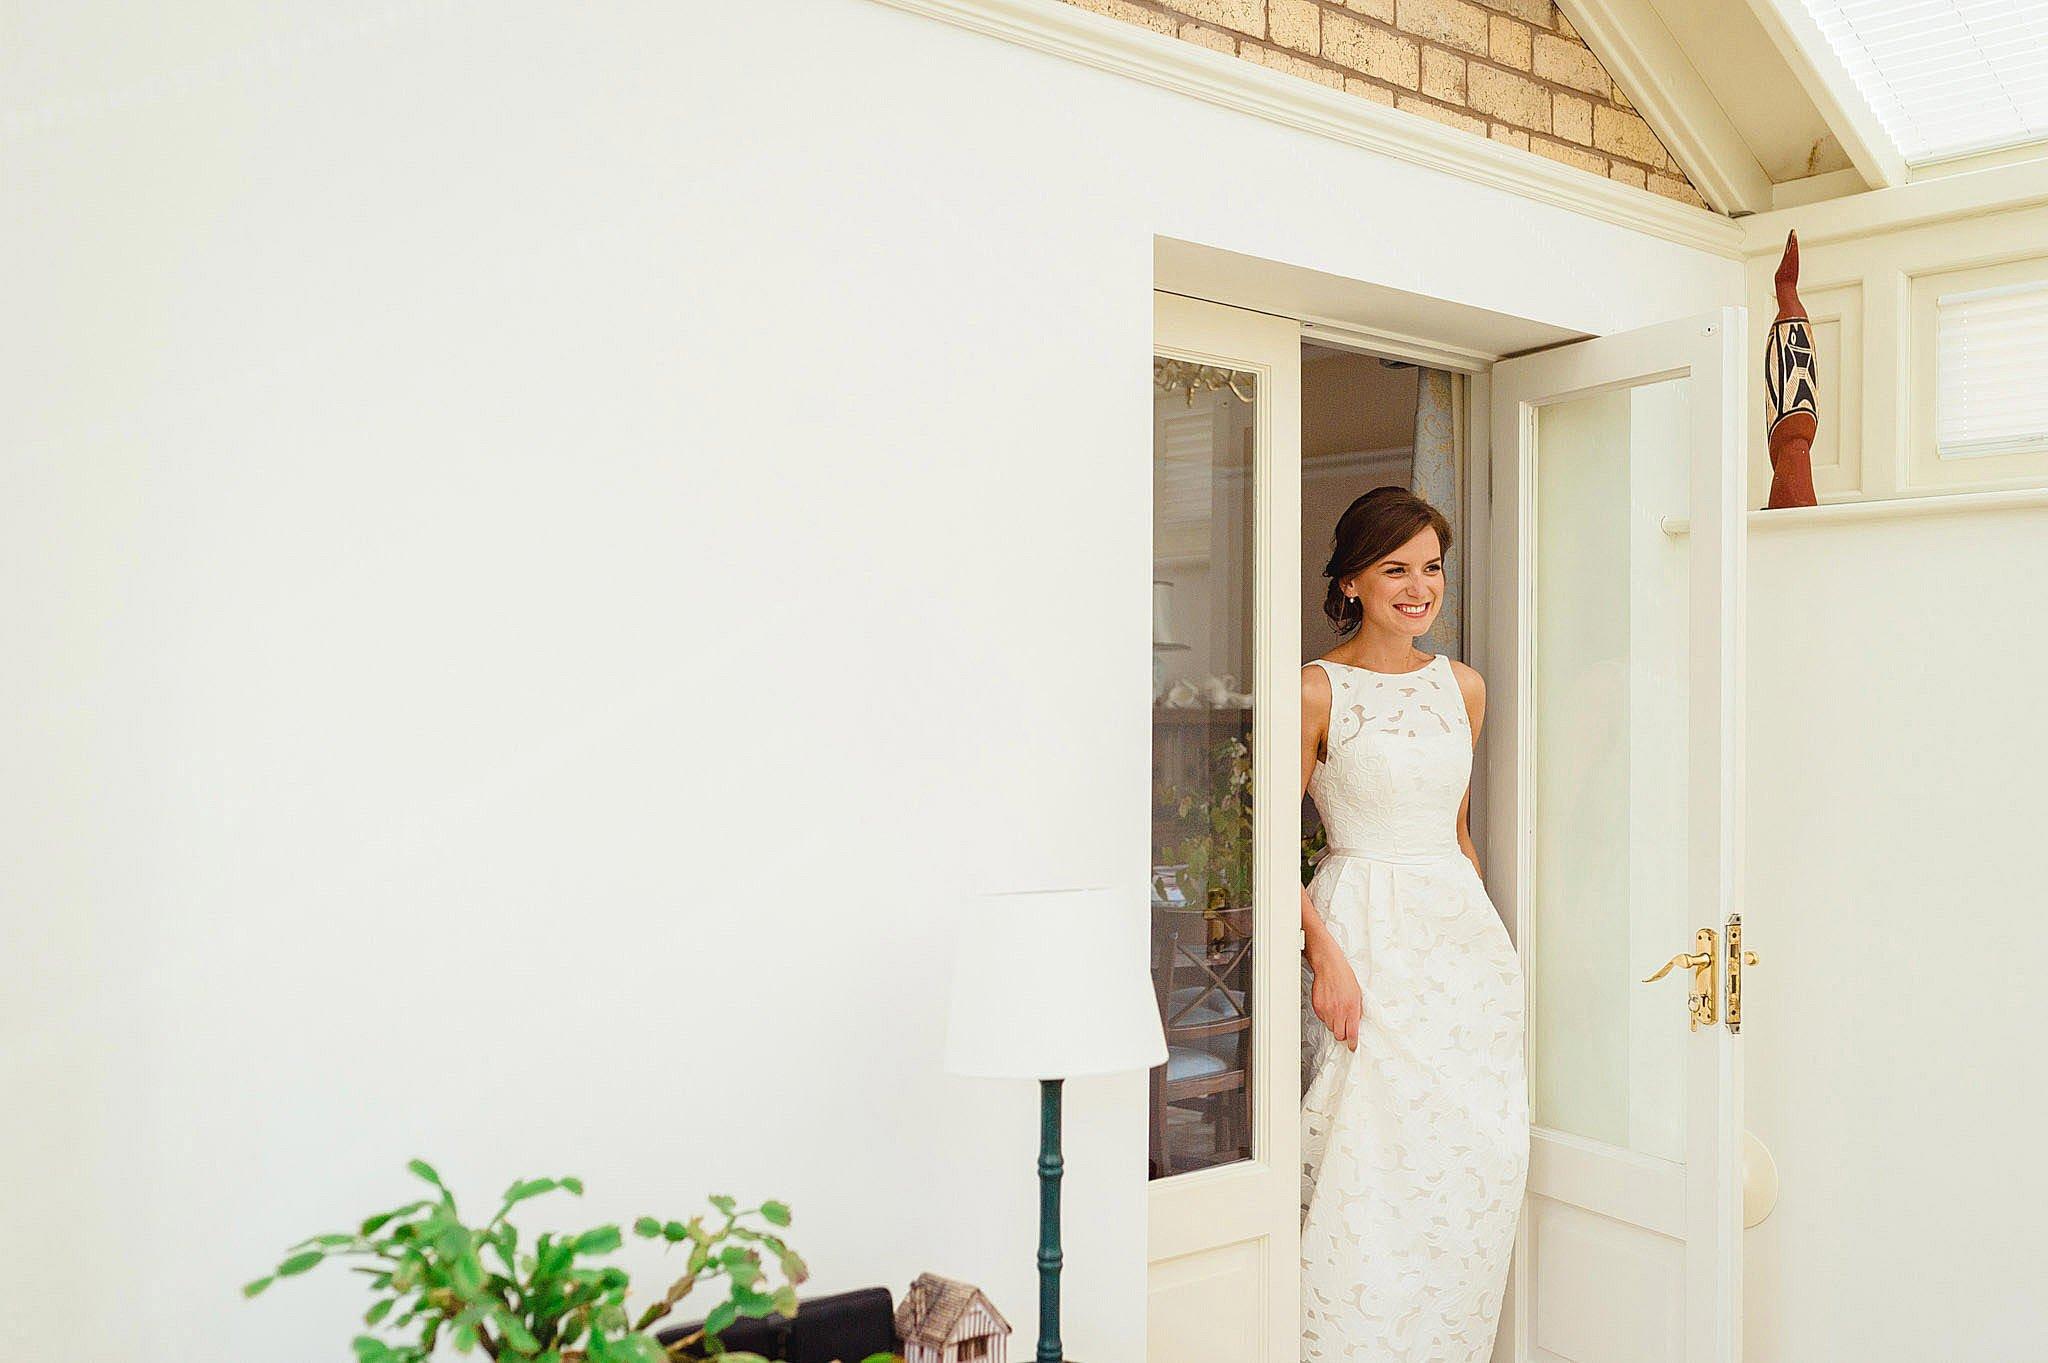 Birtsmorton Court wedding photography - Lizzie + Lloyd 9